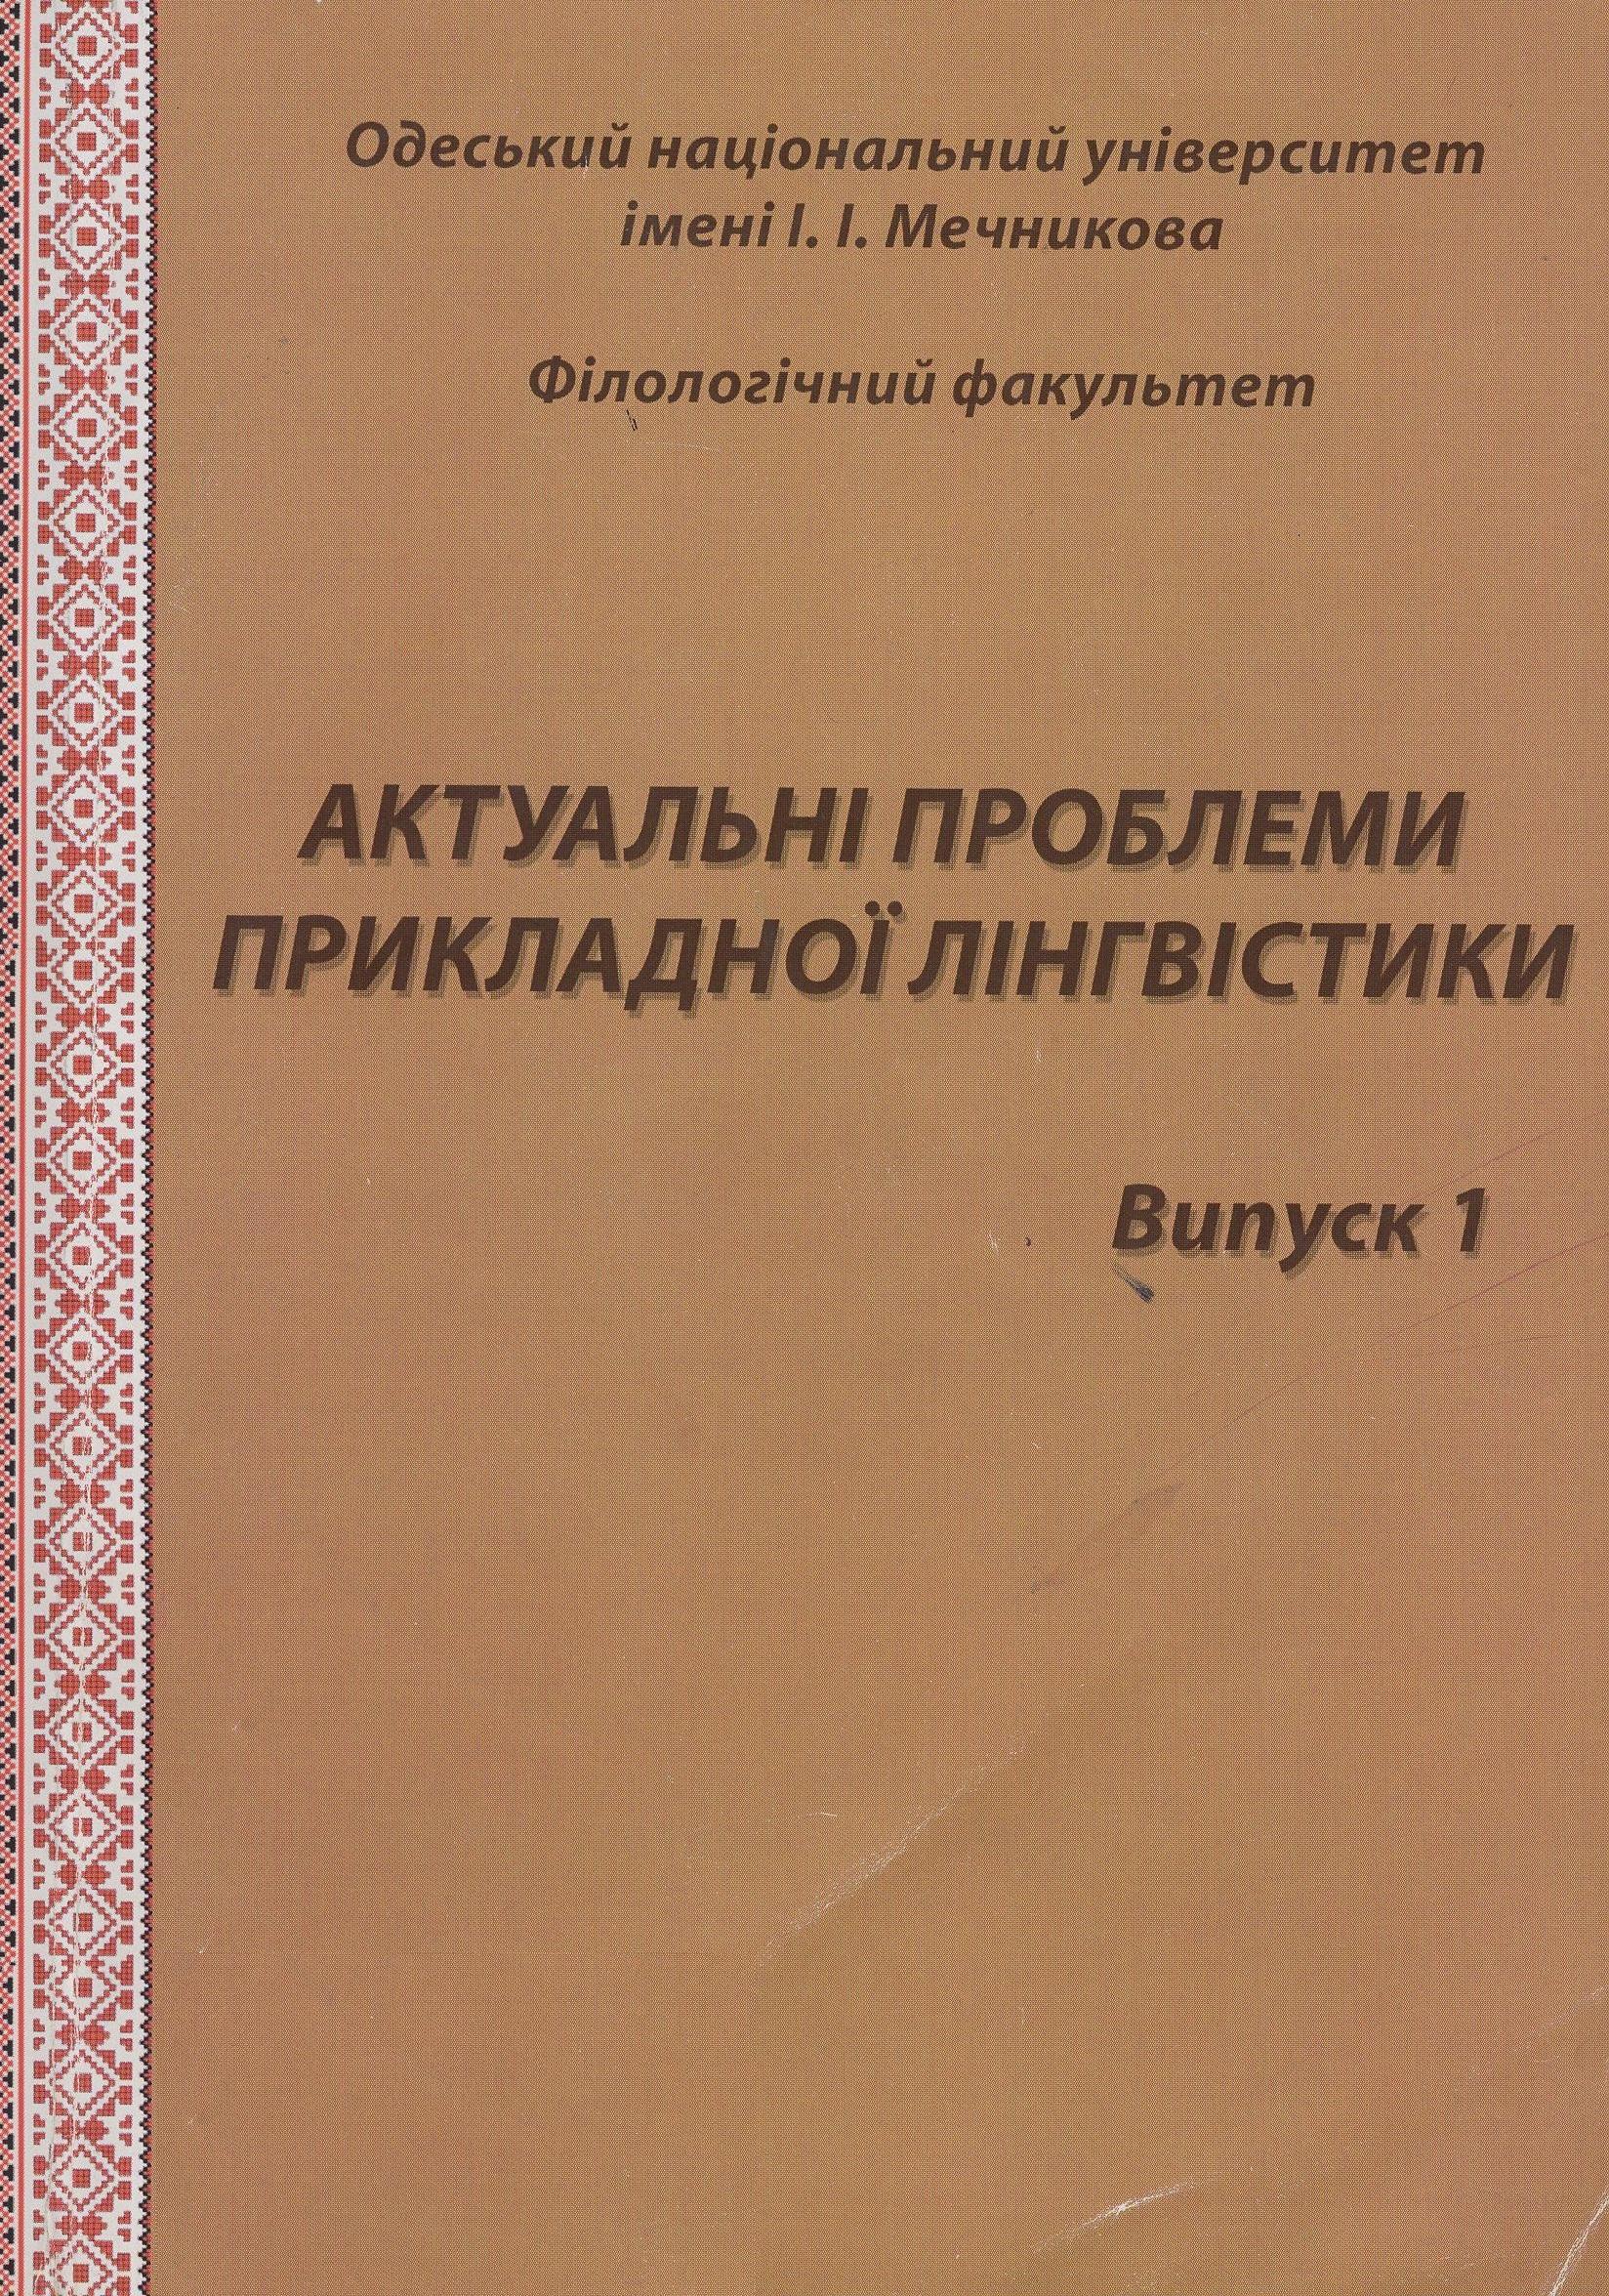 Актуальні проблеми прикладної лінгвістики